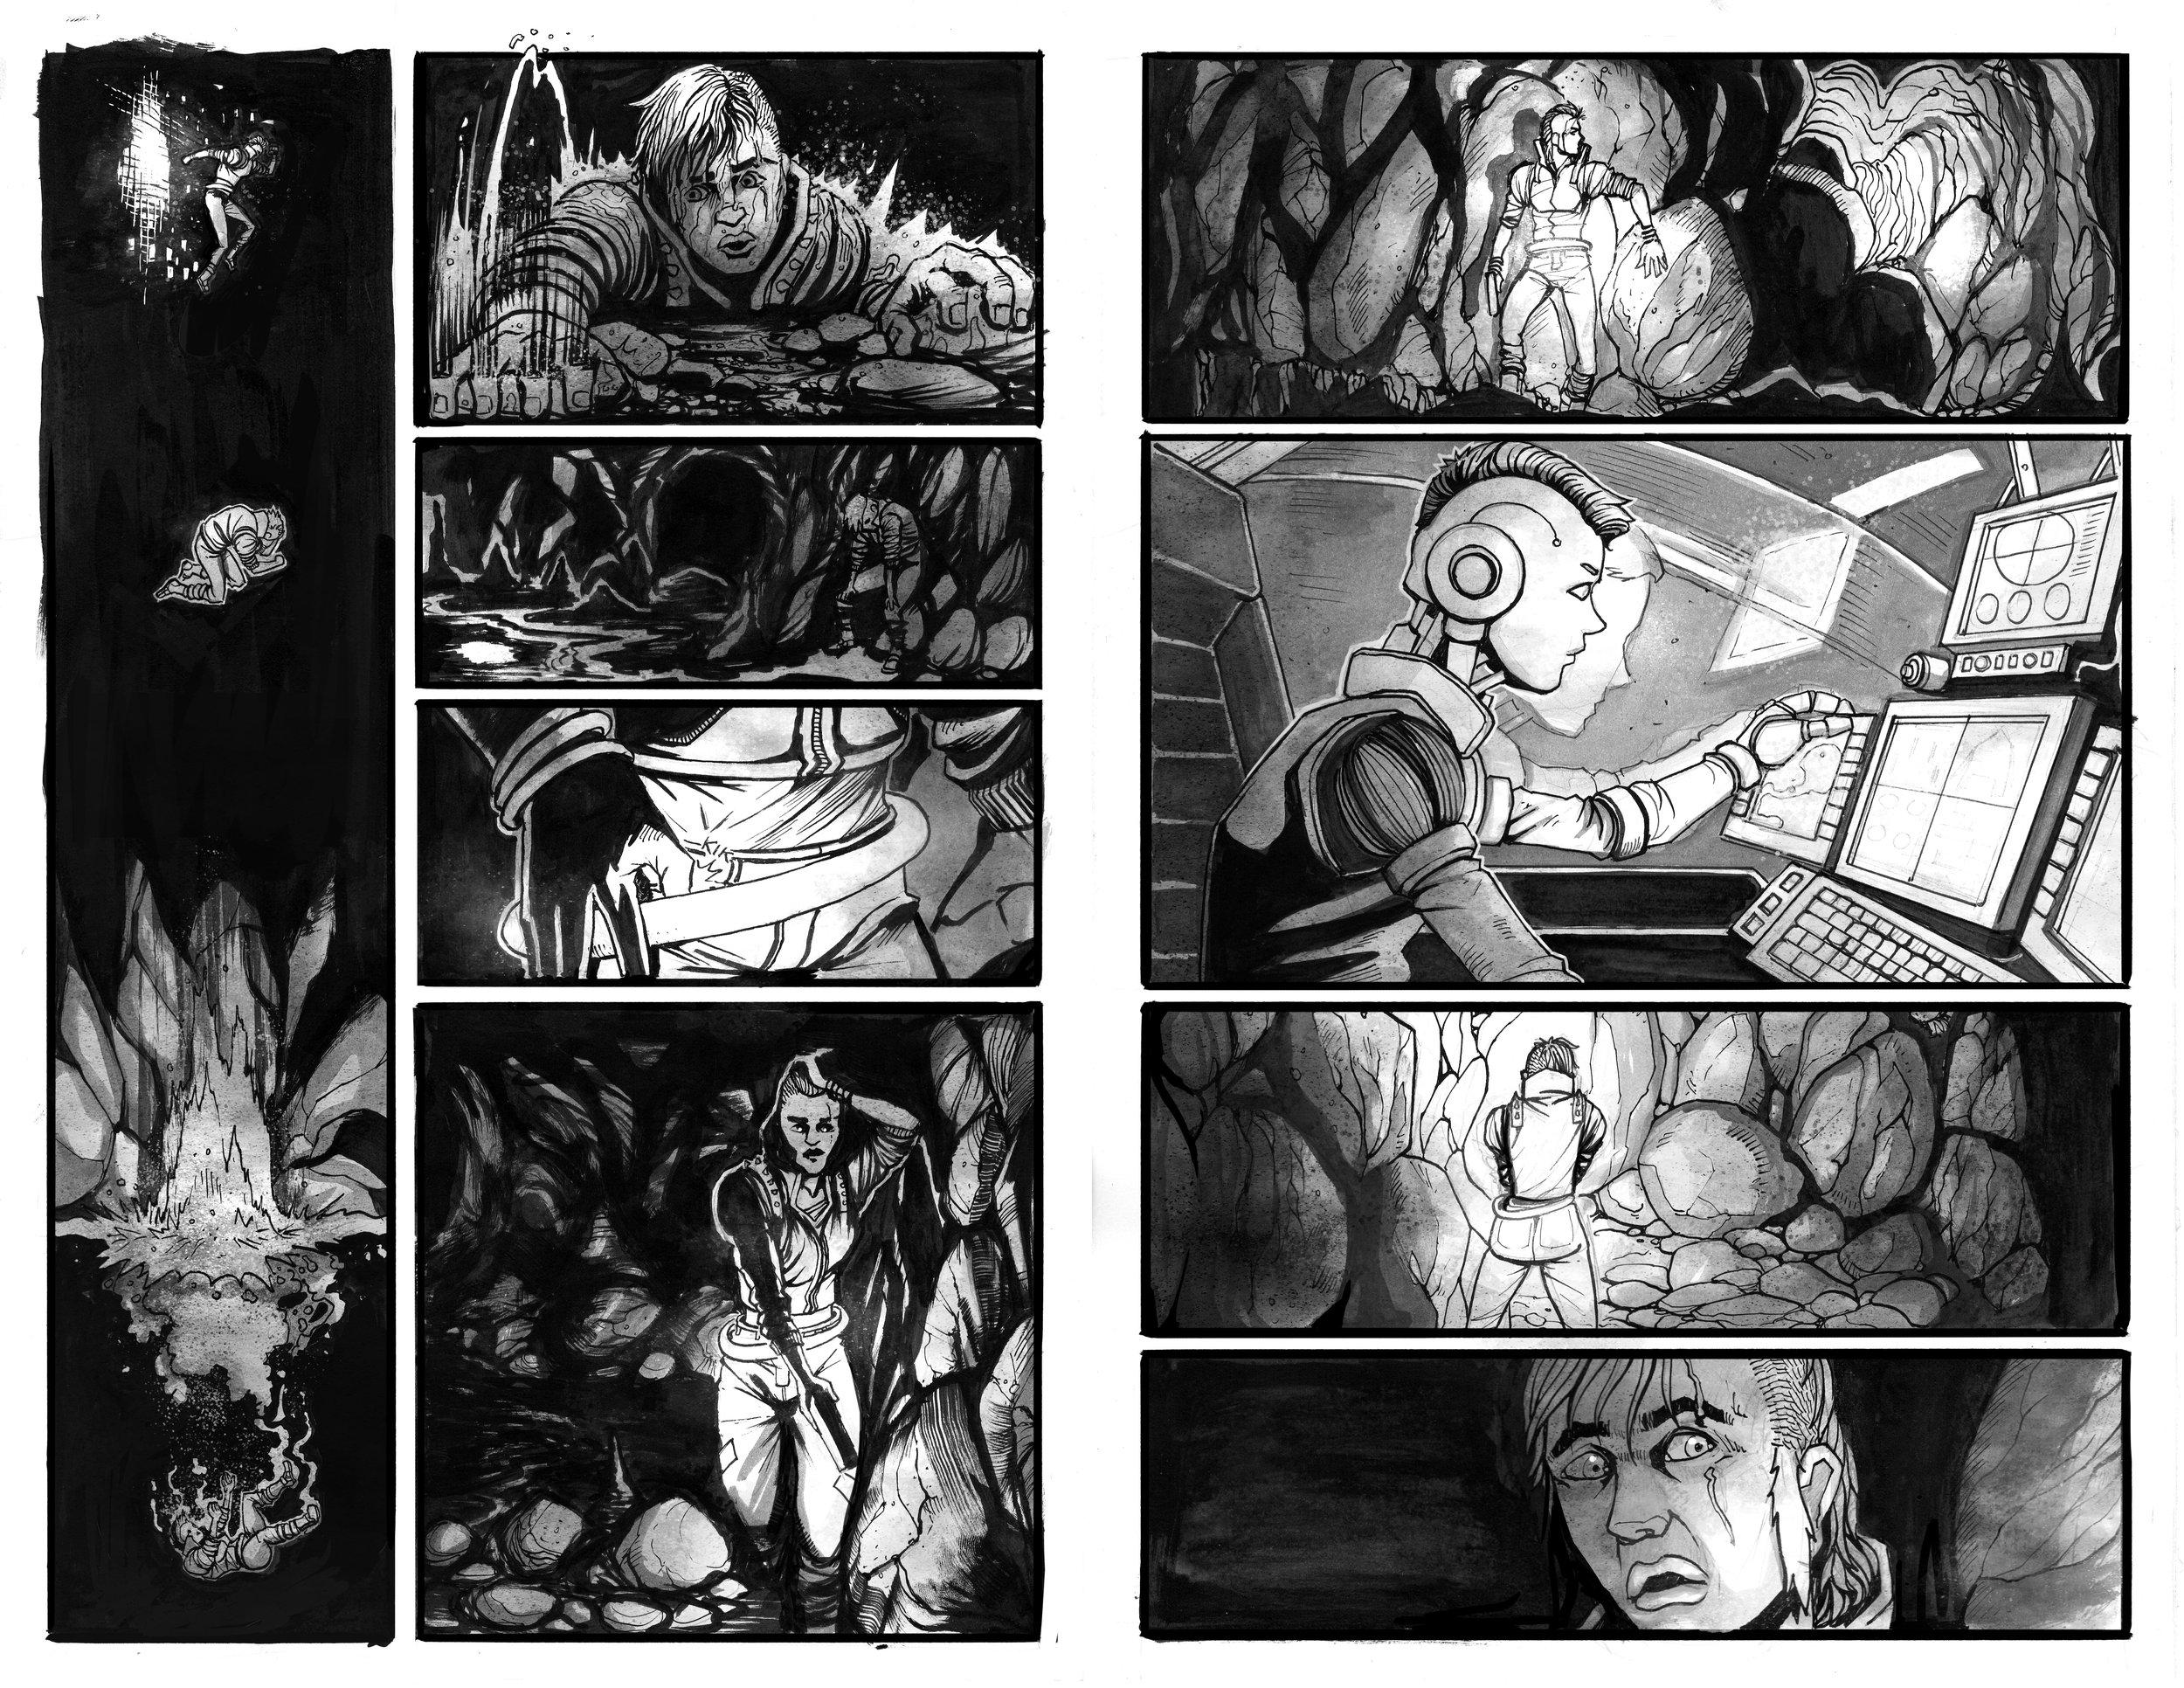 BQ1_page20-21-inks.jpg